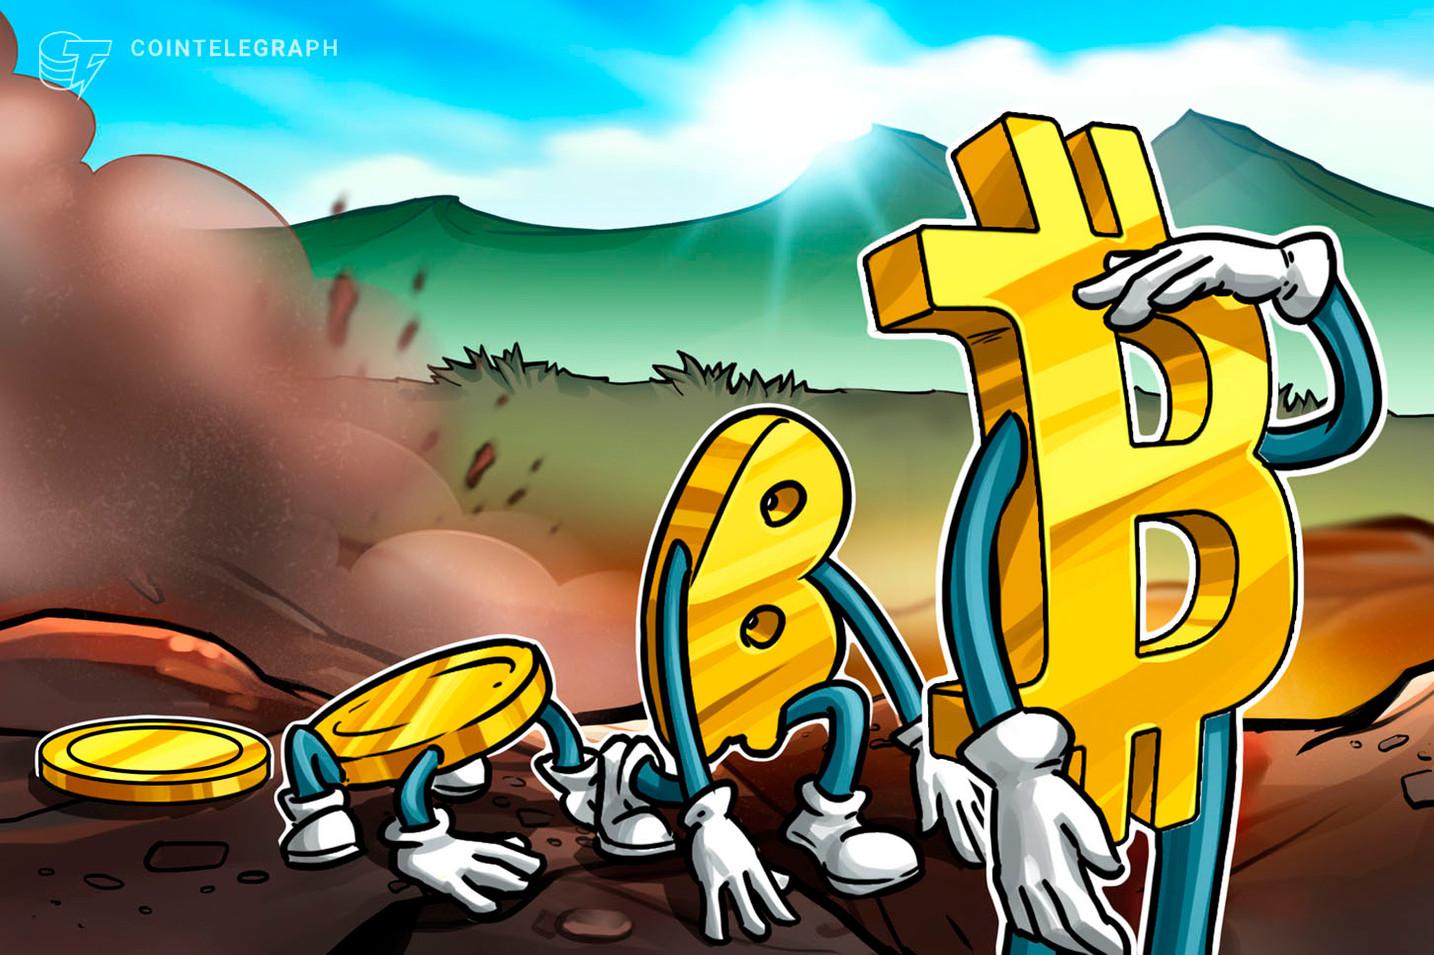 ビットコイン急騰の理由は供給不足 「上昇続く」グラスノードが指摘